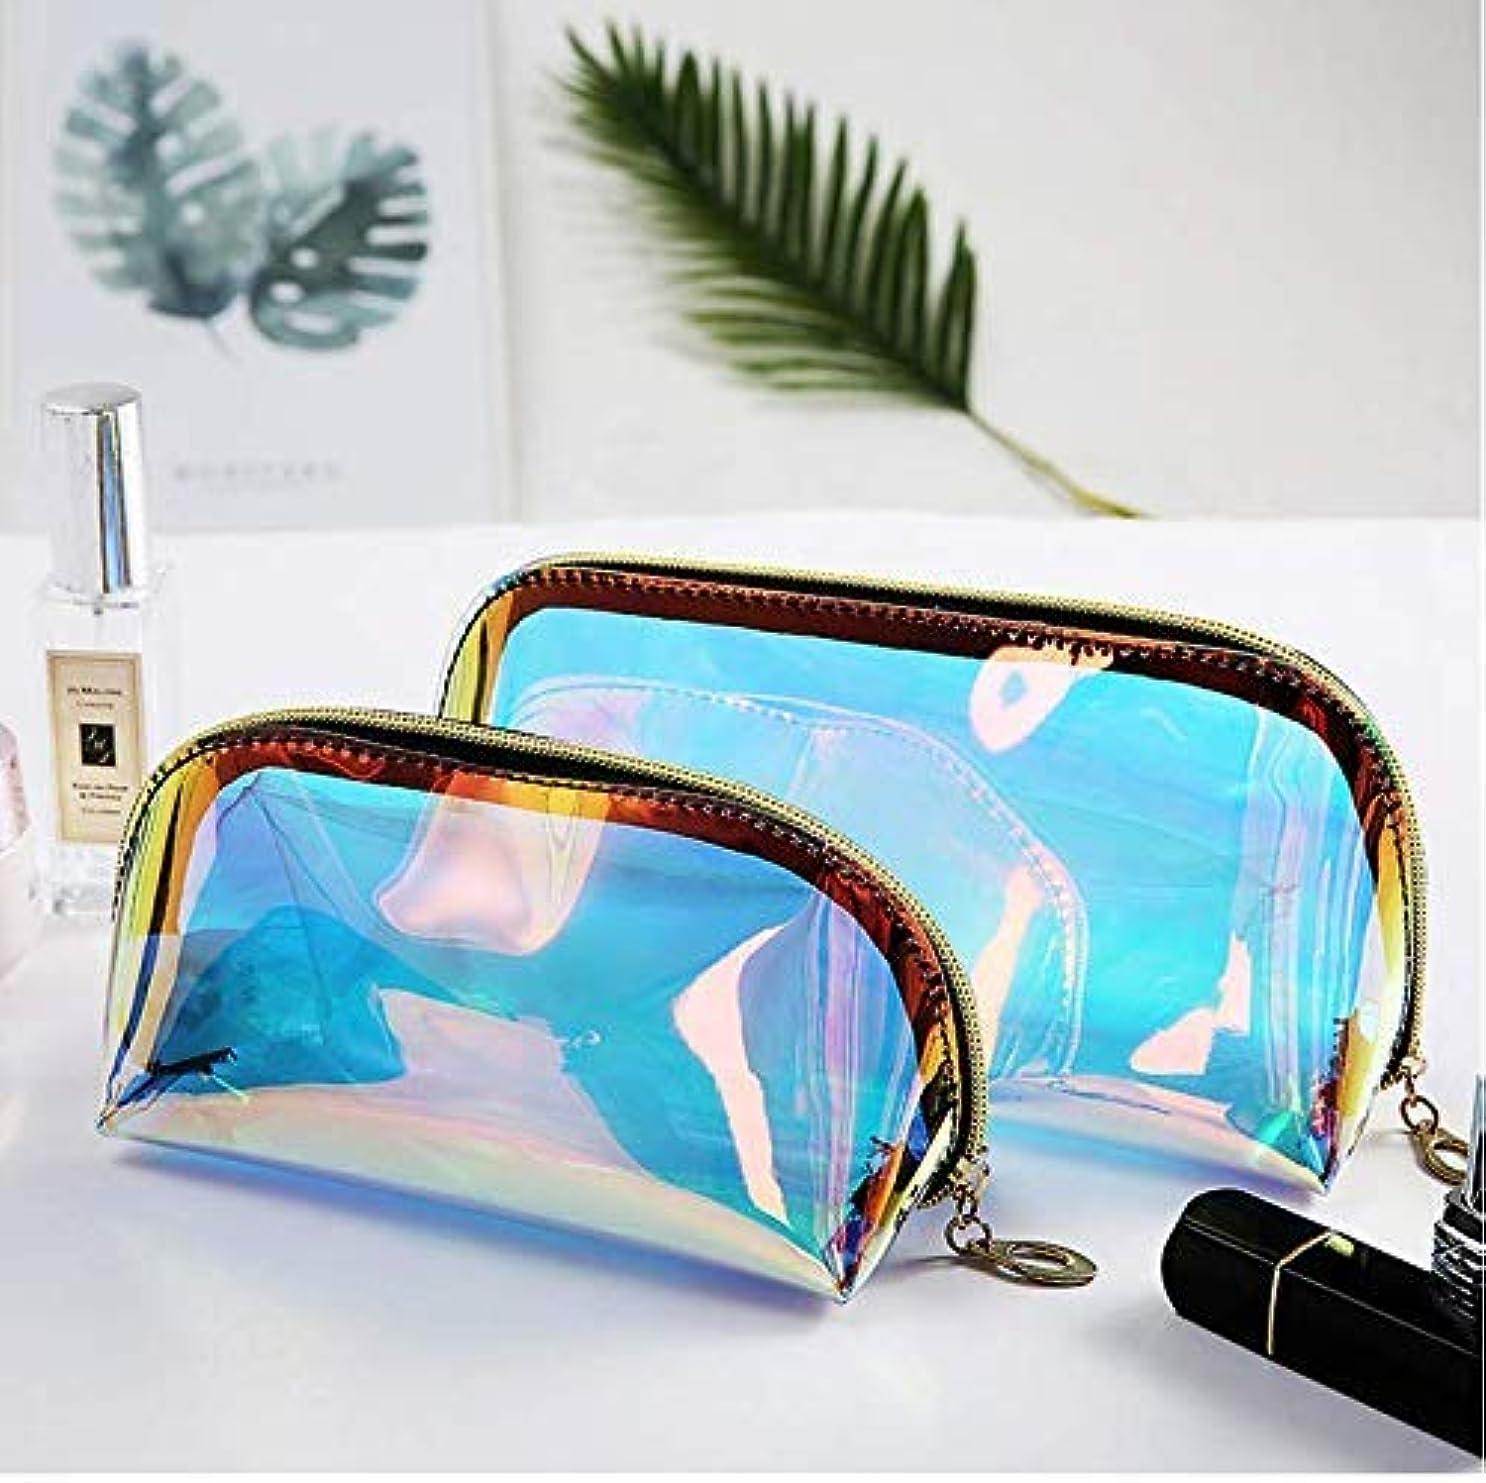 音楽家子適応YiTongの2つのホログラフィックメイクアップバッグ虹色の化粧品ケースホログラムクラッチトイレタリーポーチハンディオーガナイザー透明な女性のイブニングバッグ(大小)